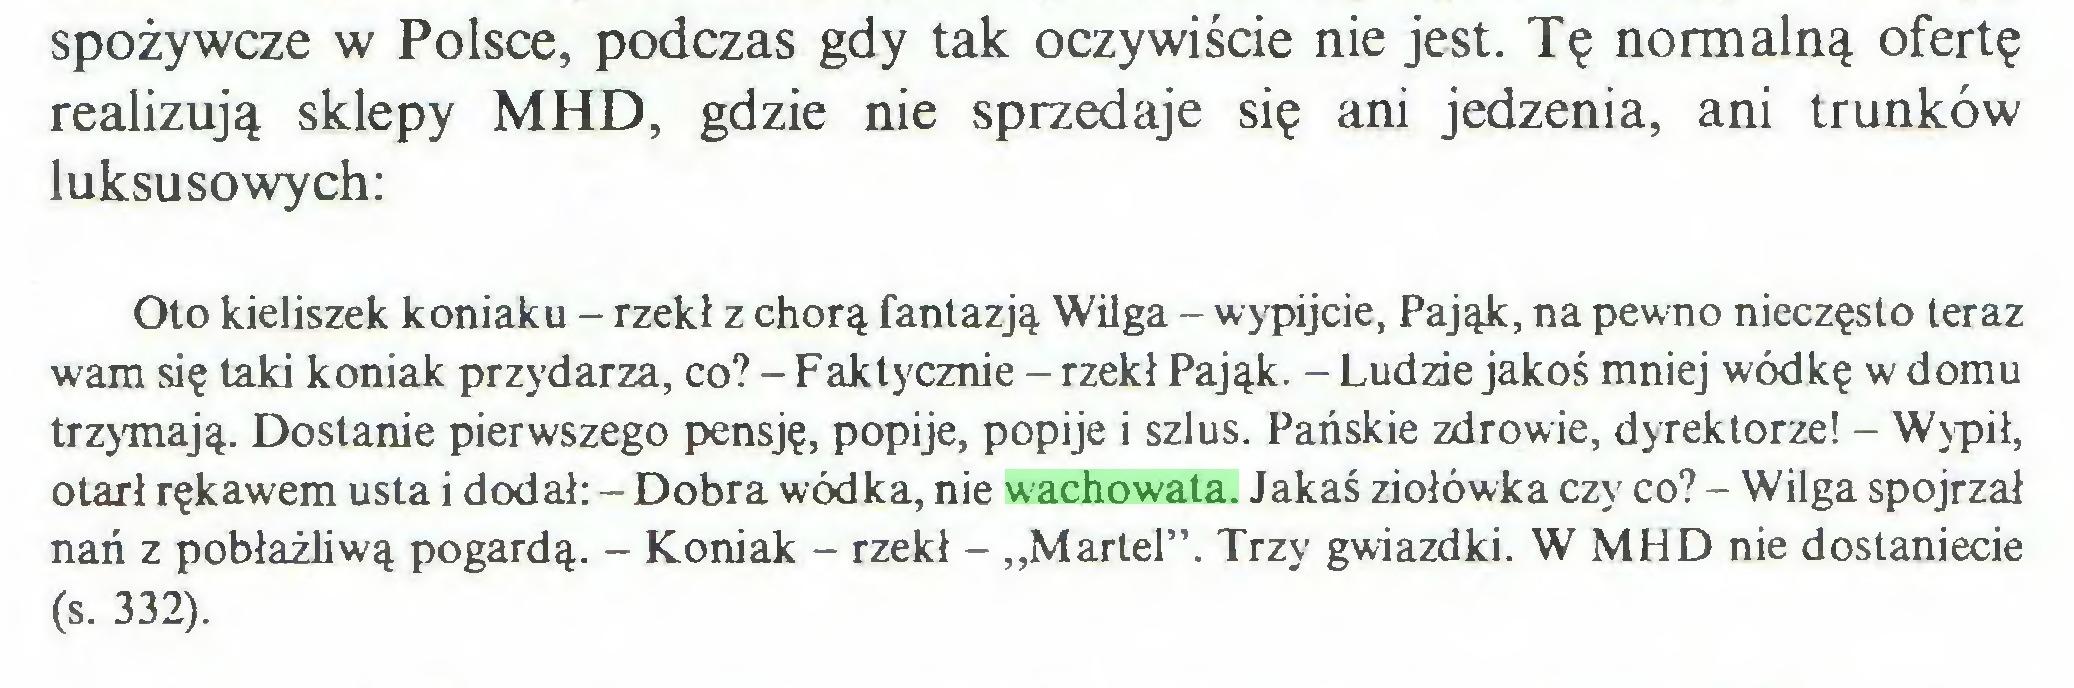 """(...) spożywcze w Polsce, podczas gdy tak oczywiście nie jest. Tę normalną ofertę realizują sklepy MHD, gdzie nie sprzedaje się ani jedzenia, ani trunków luksusowych: Oto kieliszek koniaku - rzekł z chorą fantazją Wilga - wypijcie, Pająk, na pewno nieczęsto teraz wam się taki koniak przydarza, co? - Faktycznie - rzekł Pająk. - Ludzie jakoś mniej wódkę w domu trzymają. Dostanie pierwszego pensję, popije, popije i szlus. Pańskie zdrowie, dyrektorze! - Wypił, otarł rękawem usta i dodał: - Dobra wódka, nie wachowata. Jakaś ziołówka czy co? - Wilga spojrzał nań z pobłażliwą pogardą. - Koniak - rzekł - """"Martel"""". Trzy gwiazdki. W MHD nie dostaniecie (s. 332)..."""